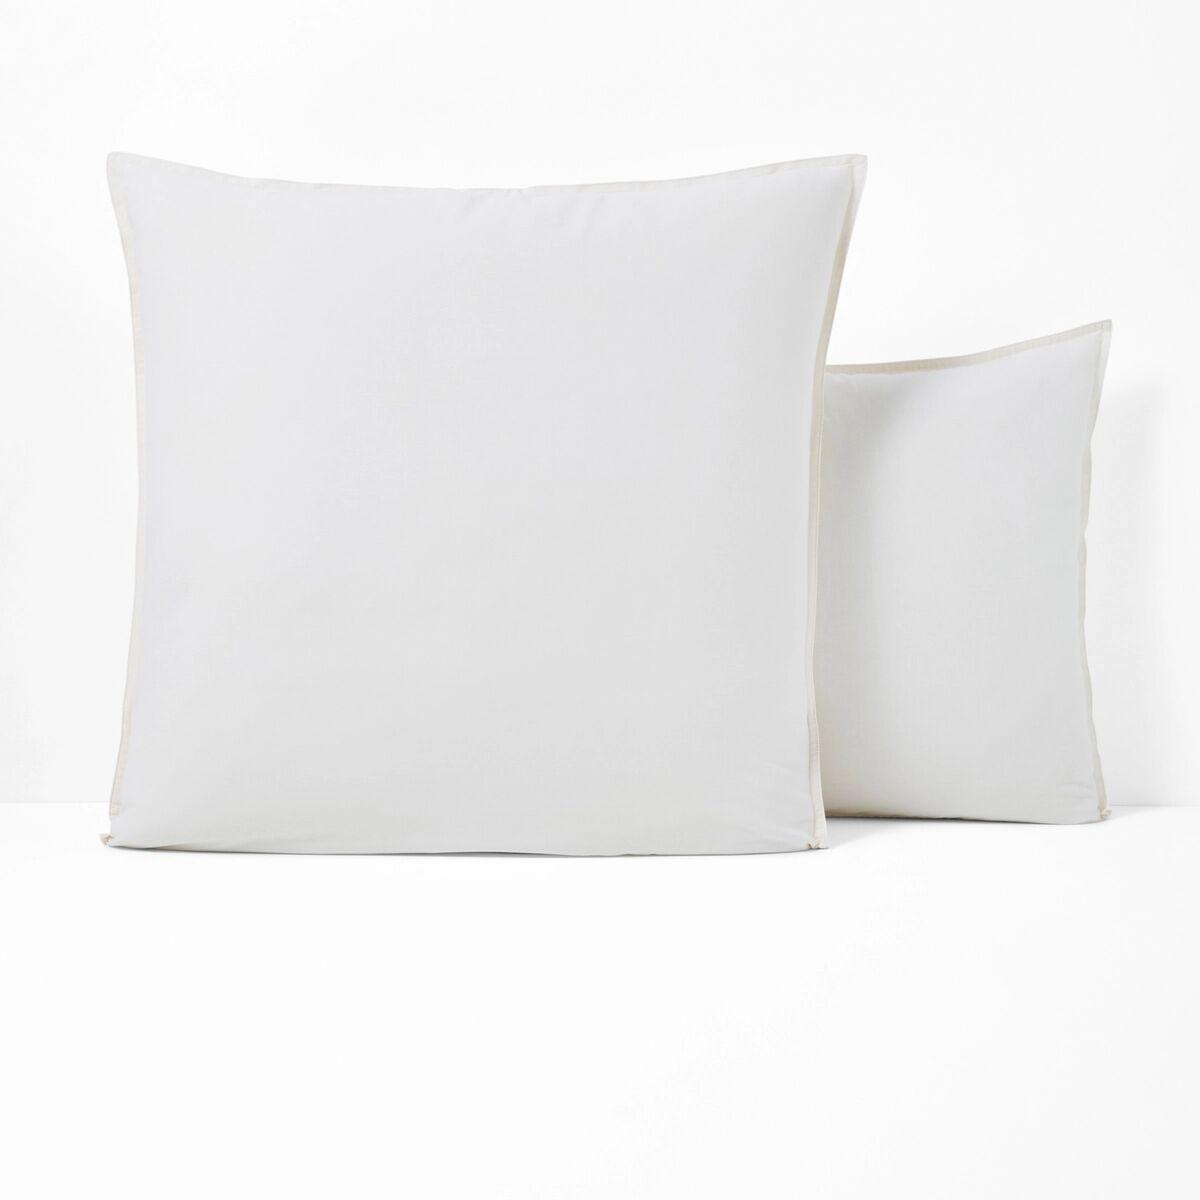 La Redoute Interieurs Fronha de almofada em algodão lavado, SCENARIO   cru